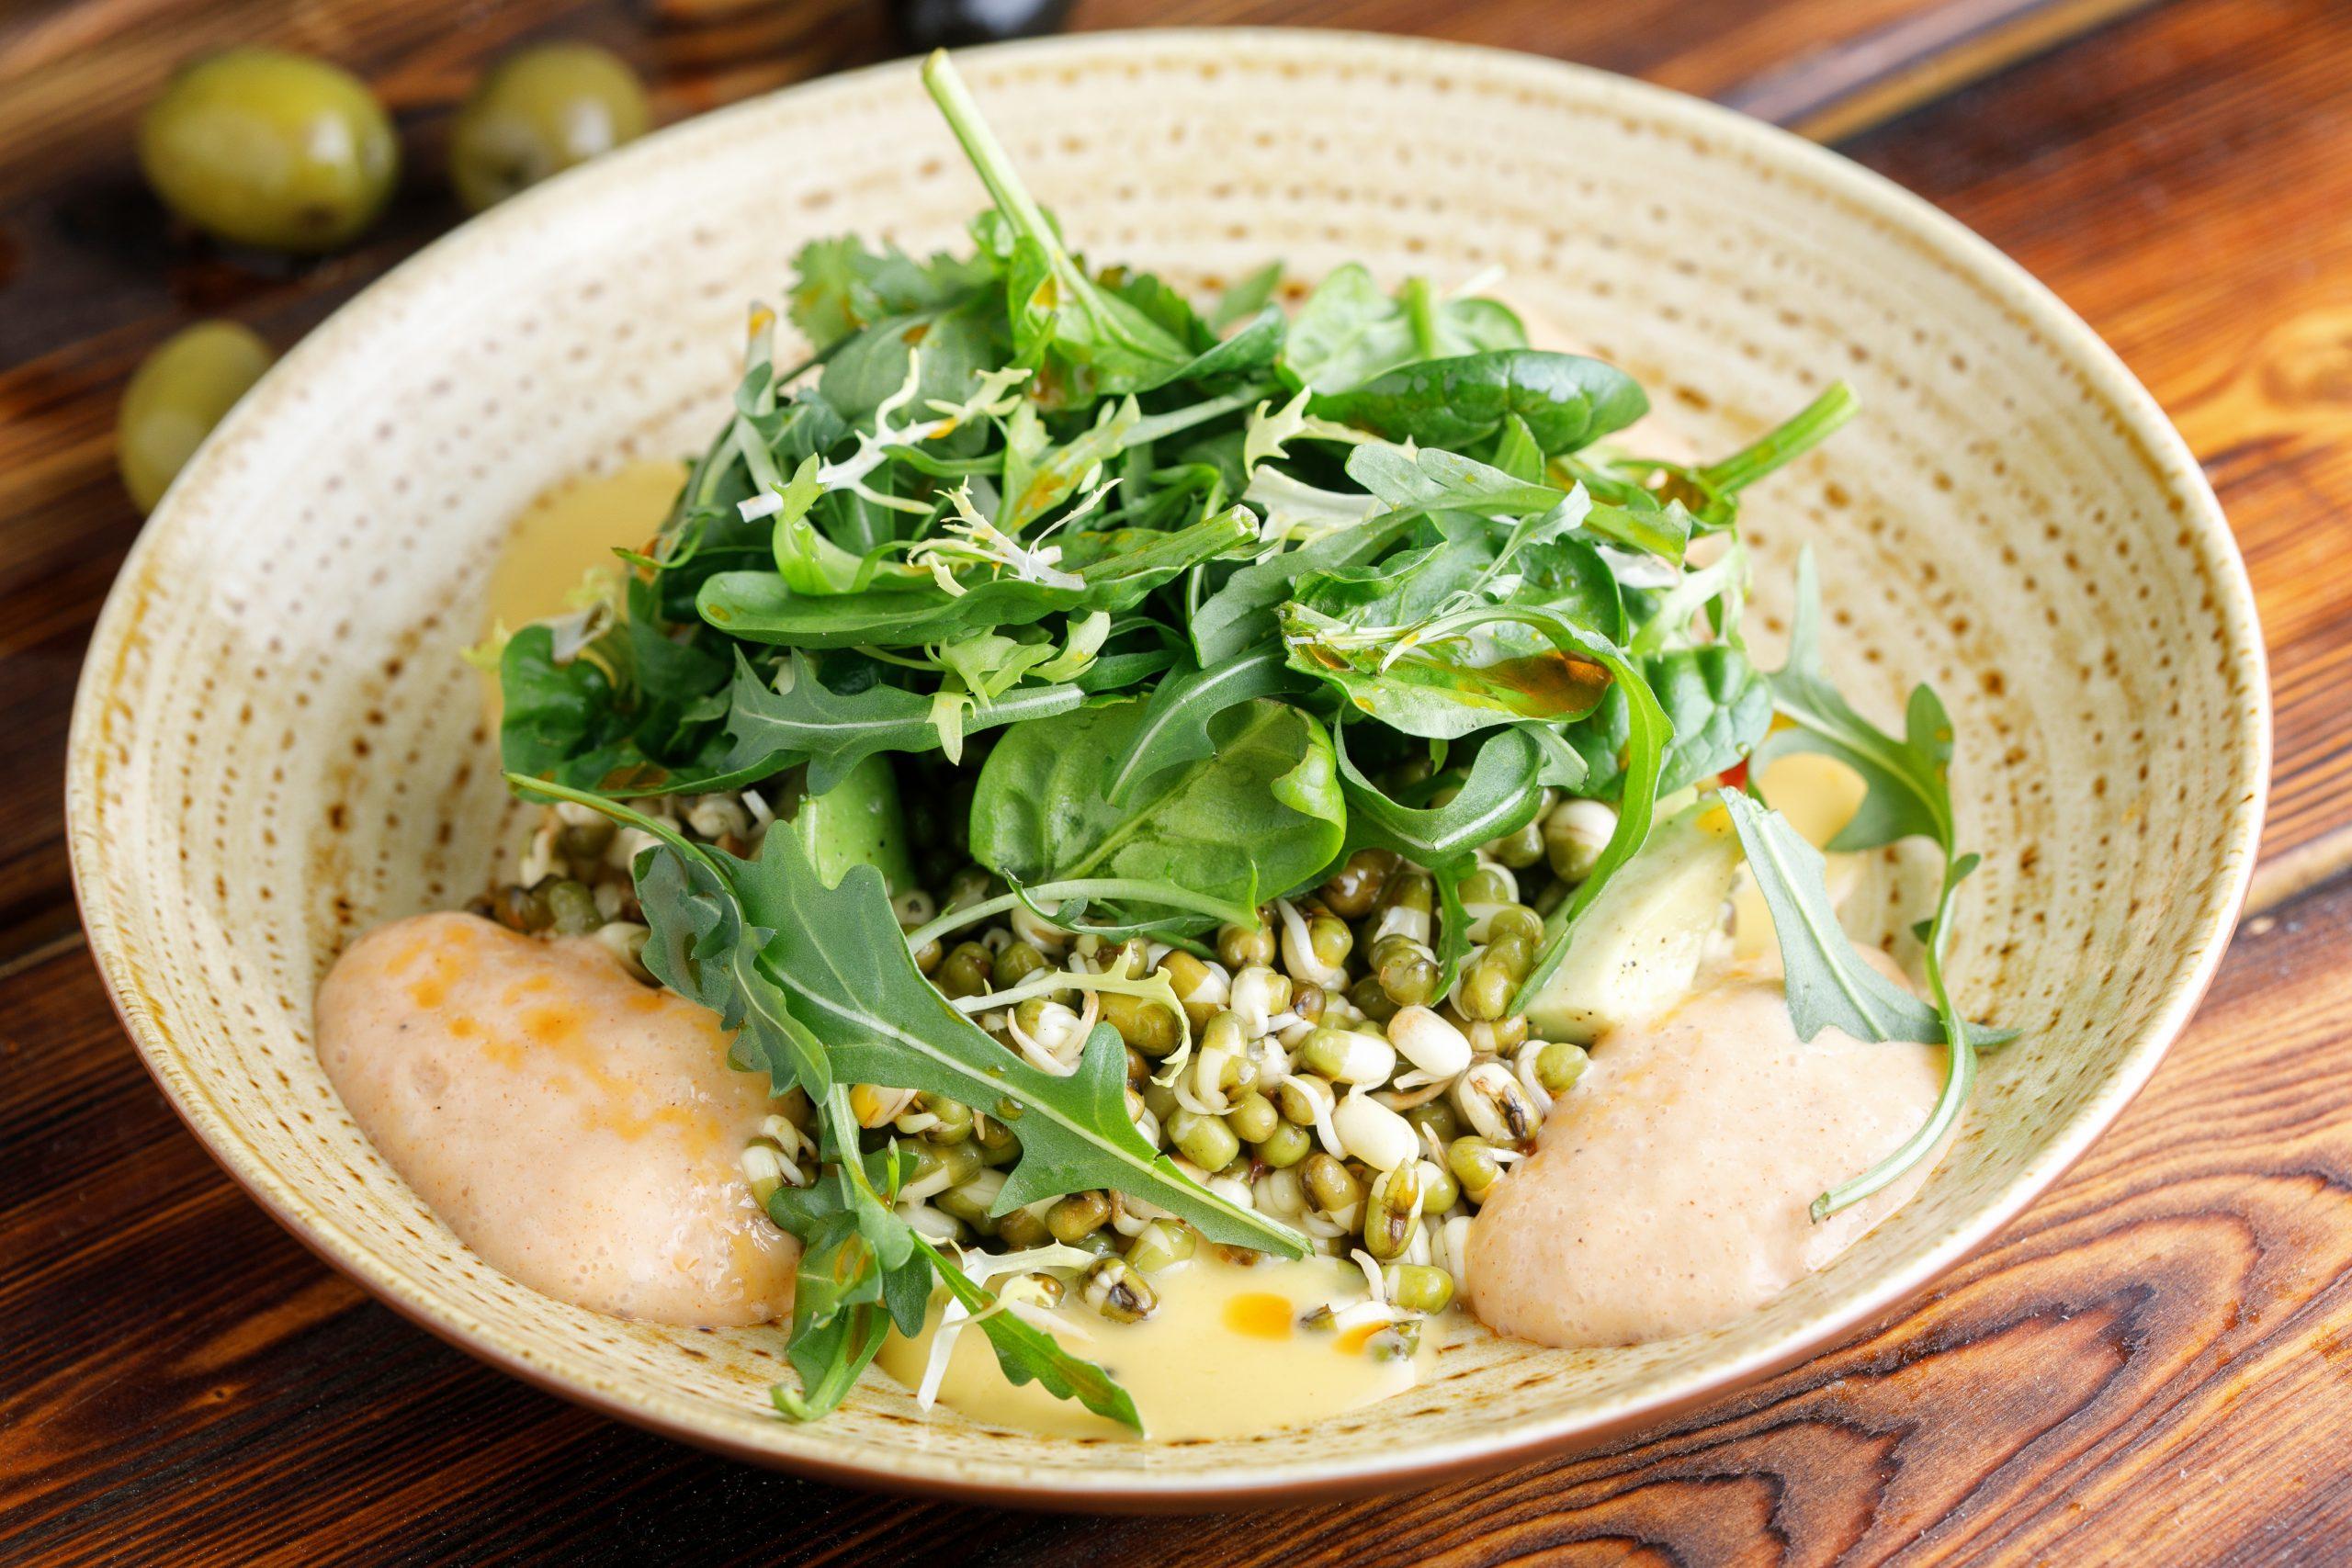 Салат из пророщенной фасоли маш и авокадо с соевой сметаной